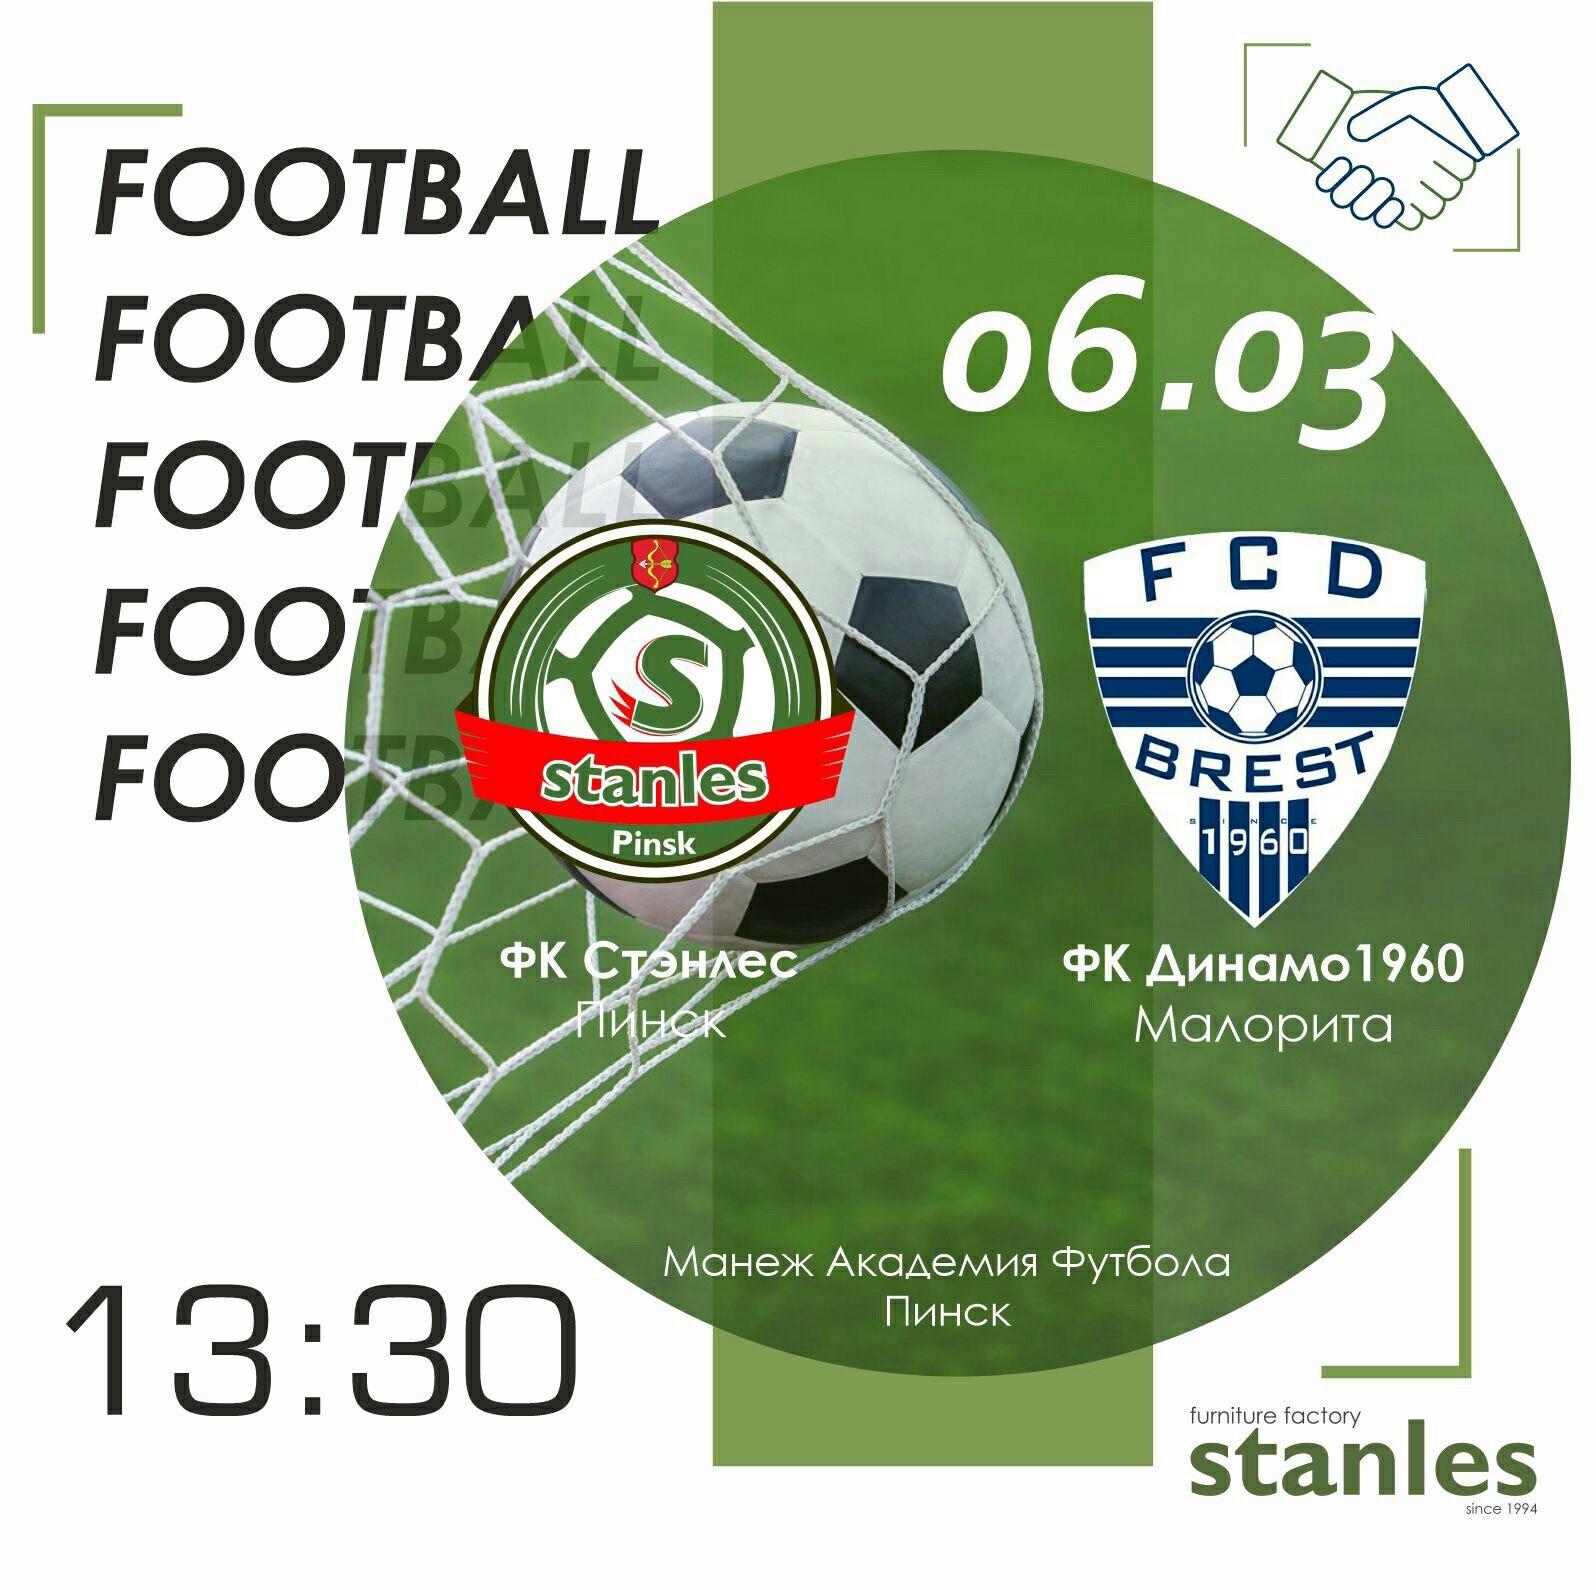 Футбольный поединок «Стэнлеса» vs «Динамо-Брест-1960» (текстовая стартует в 13:30)